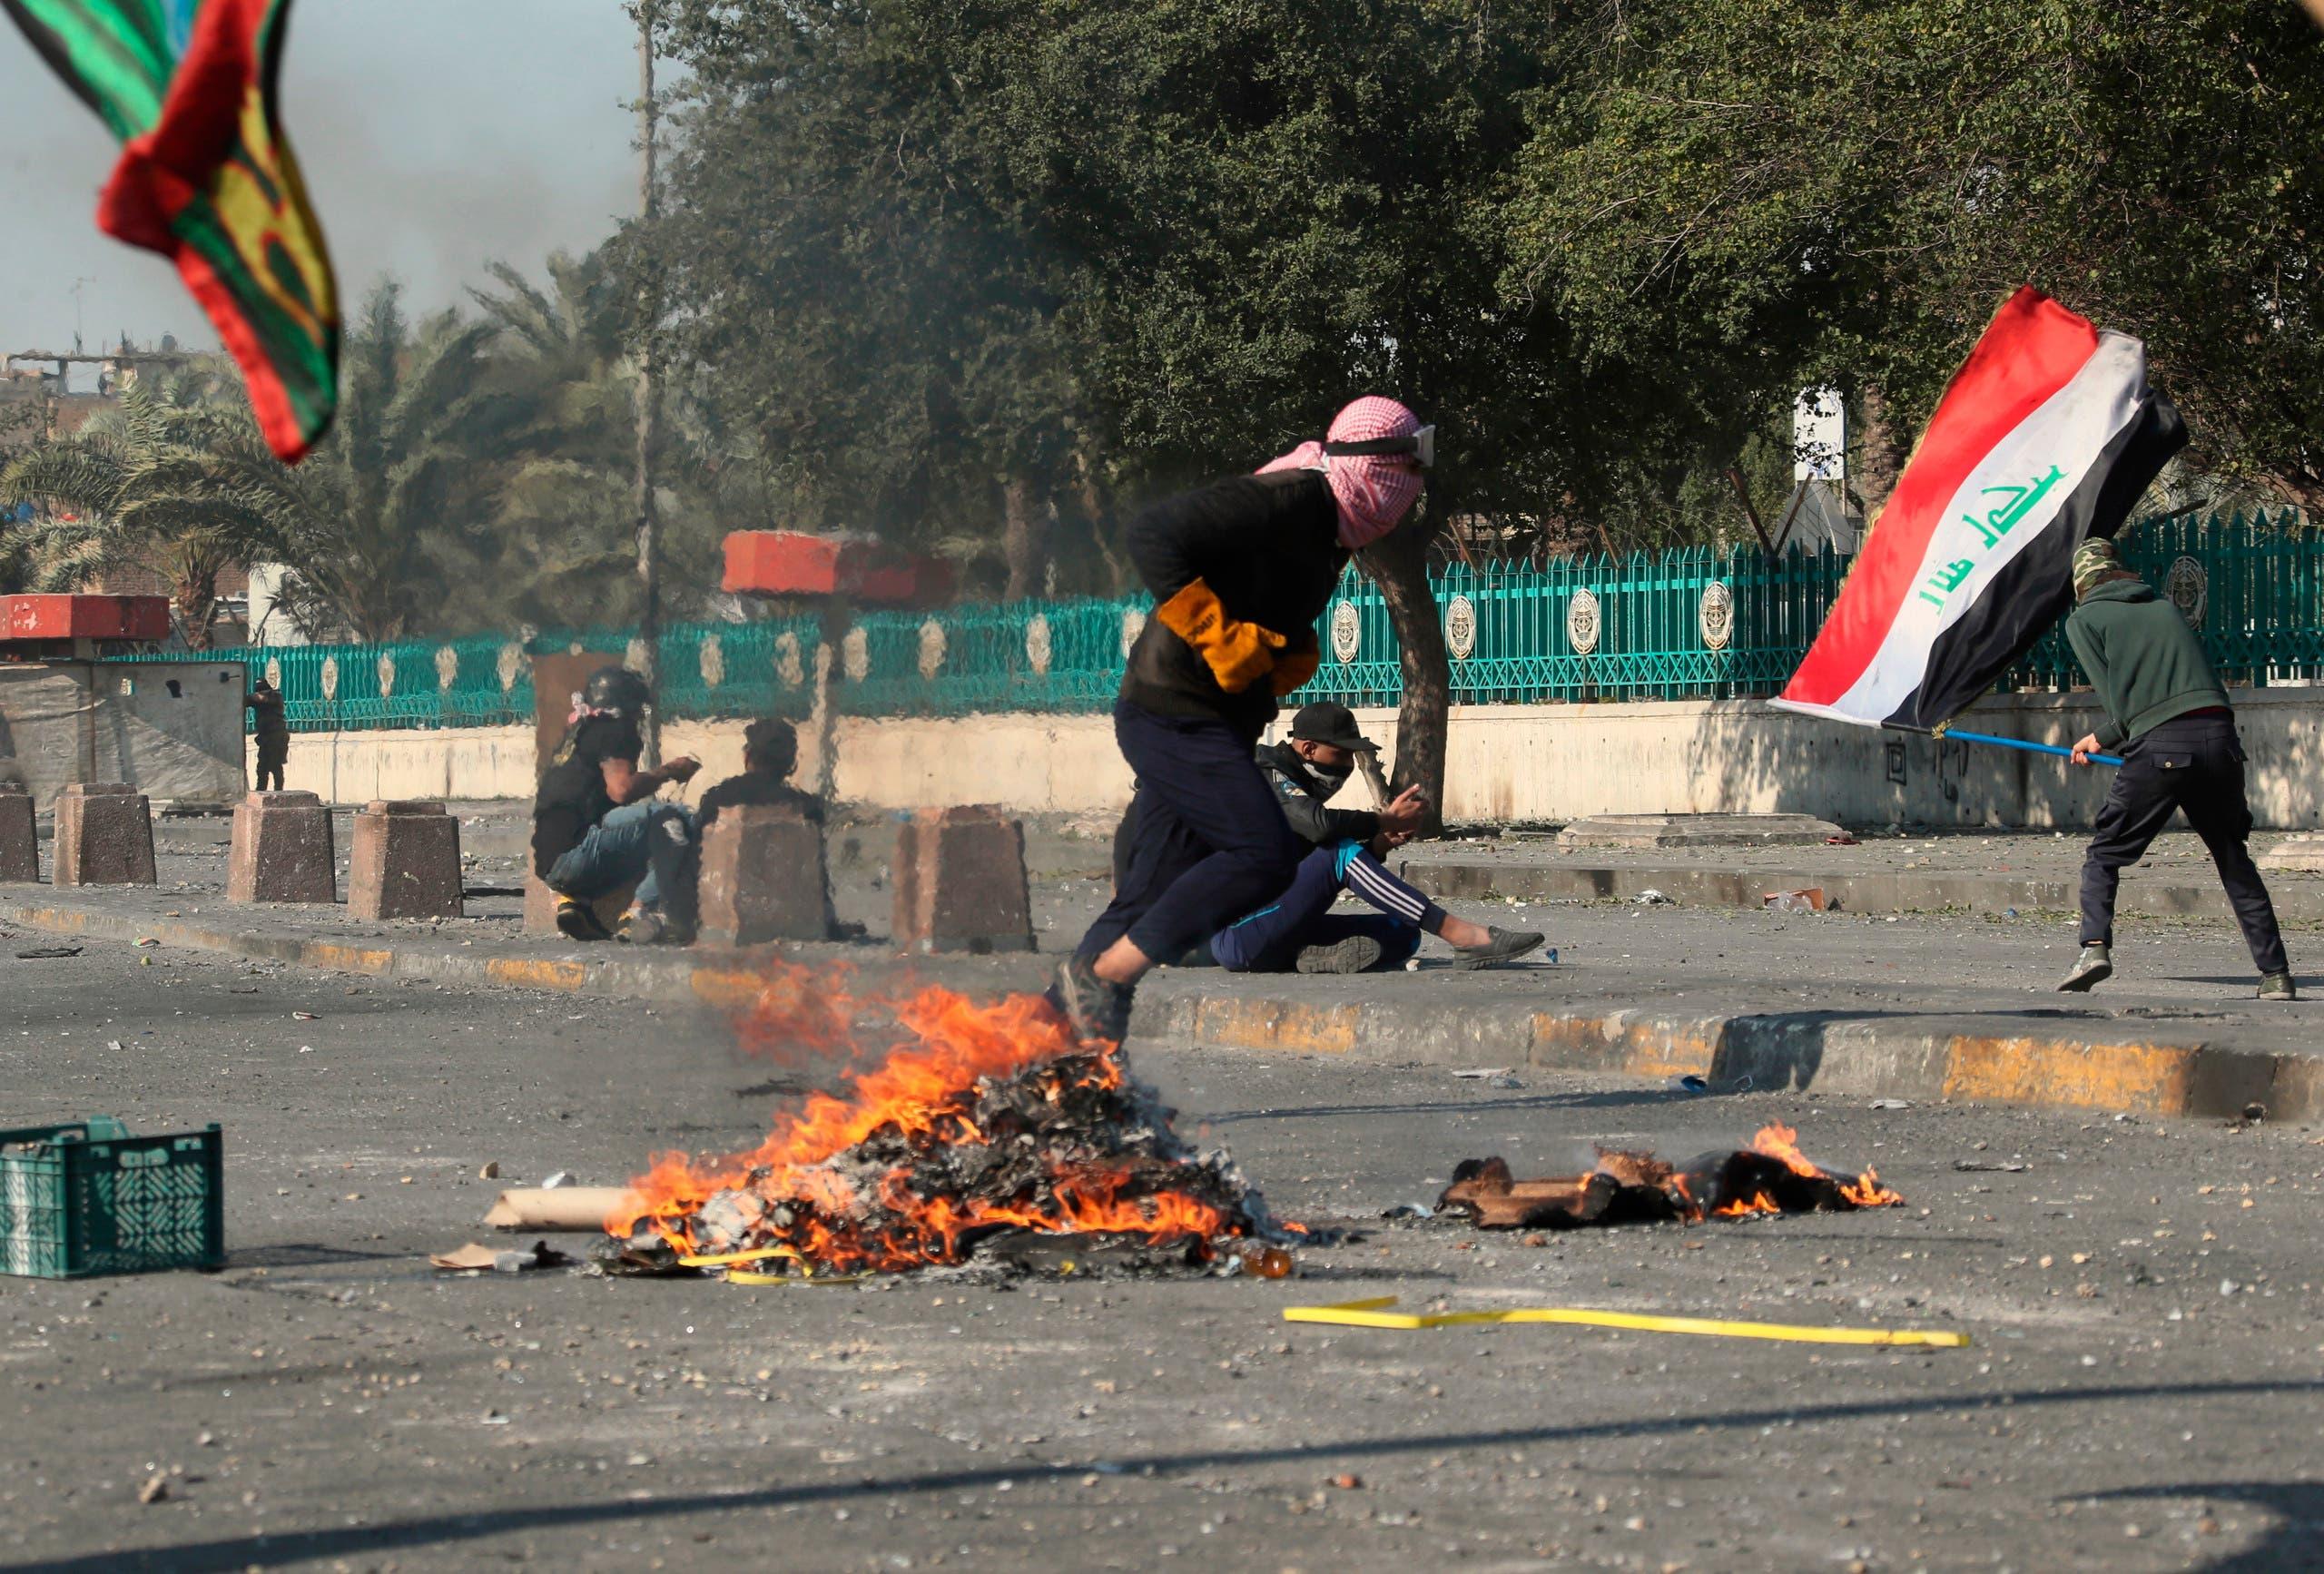 من بغداد 31 يناير - اسوشيتد برس